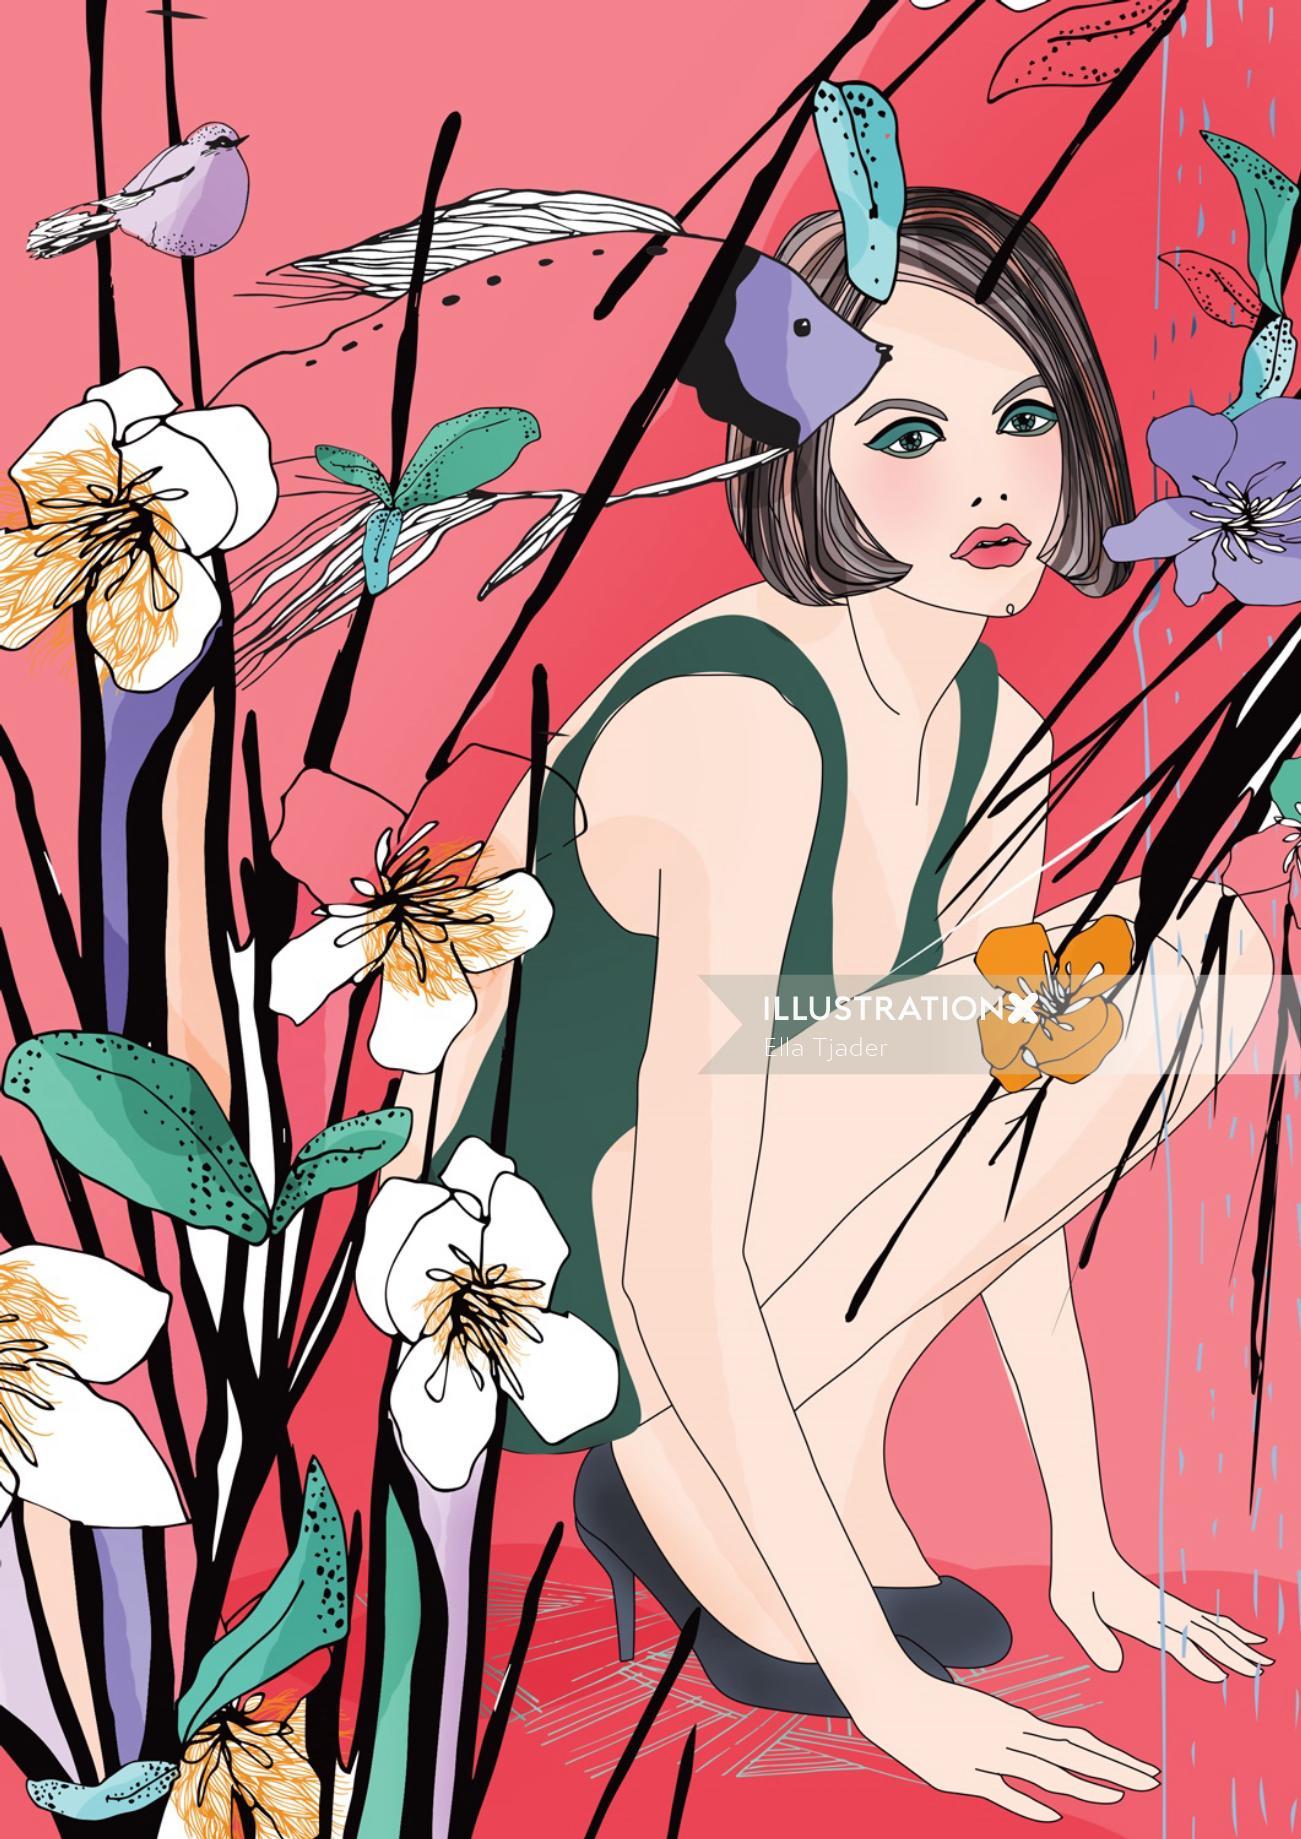 Girl vector portrait illustration